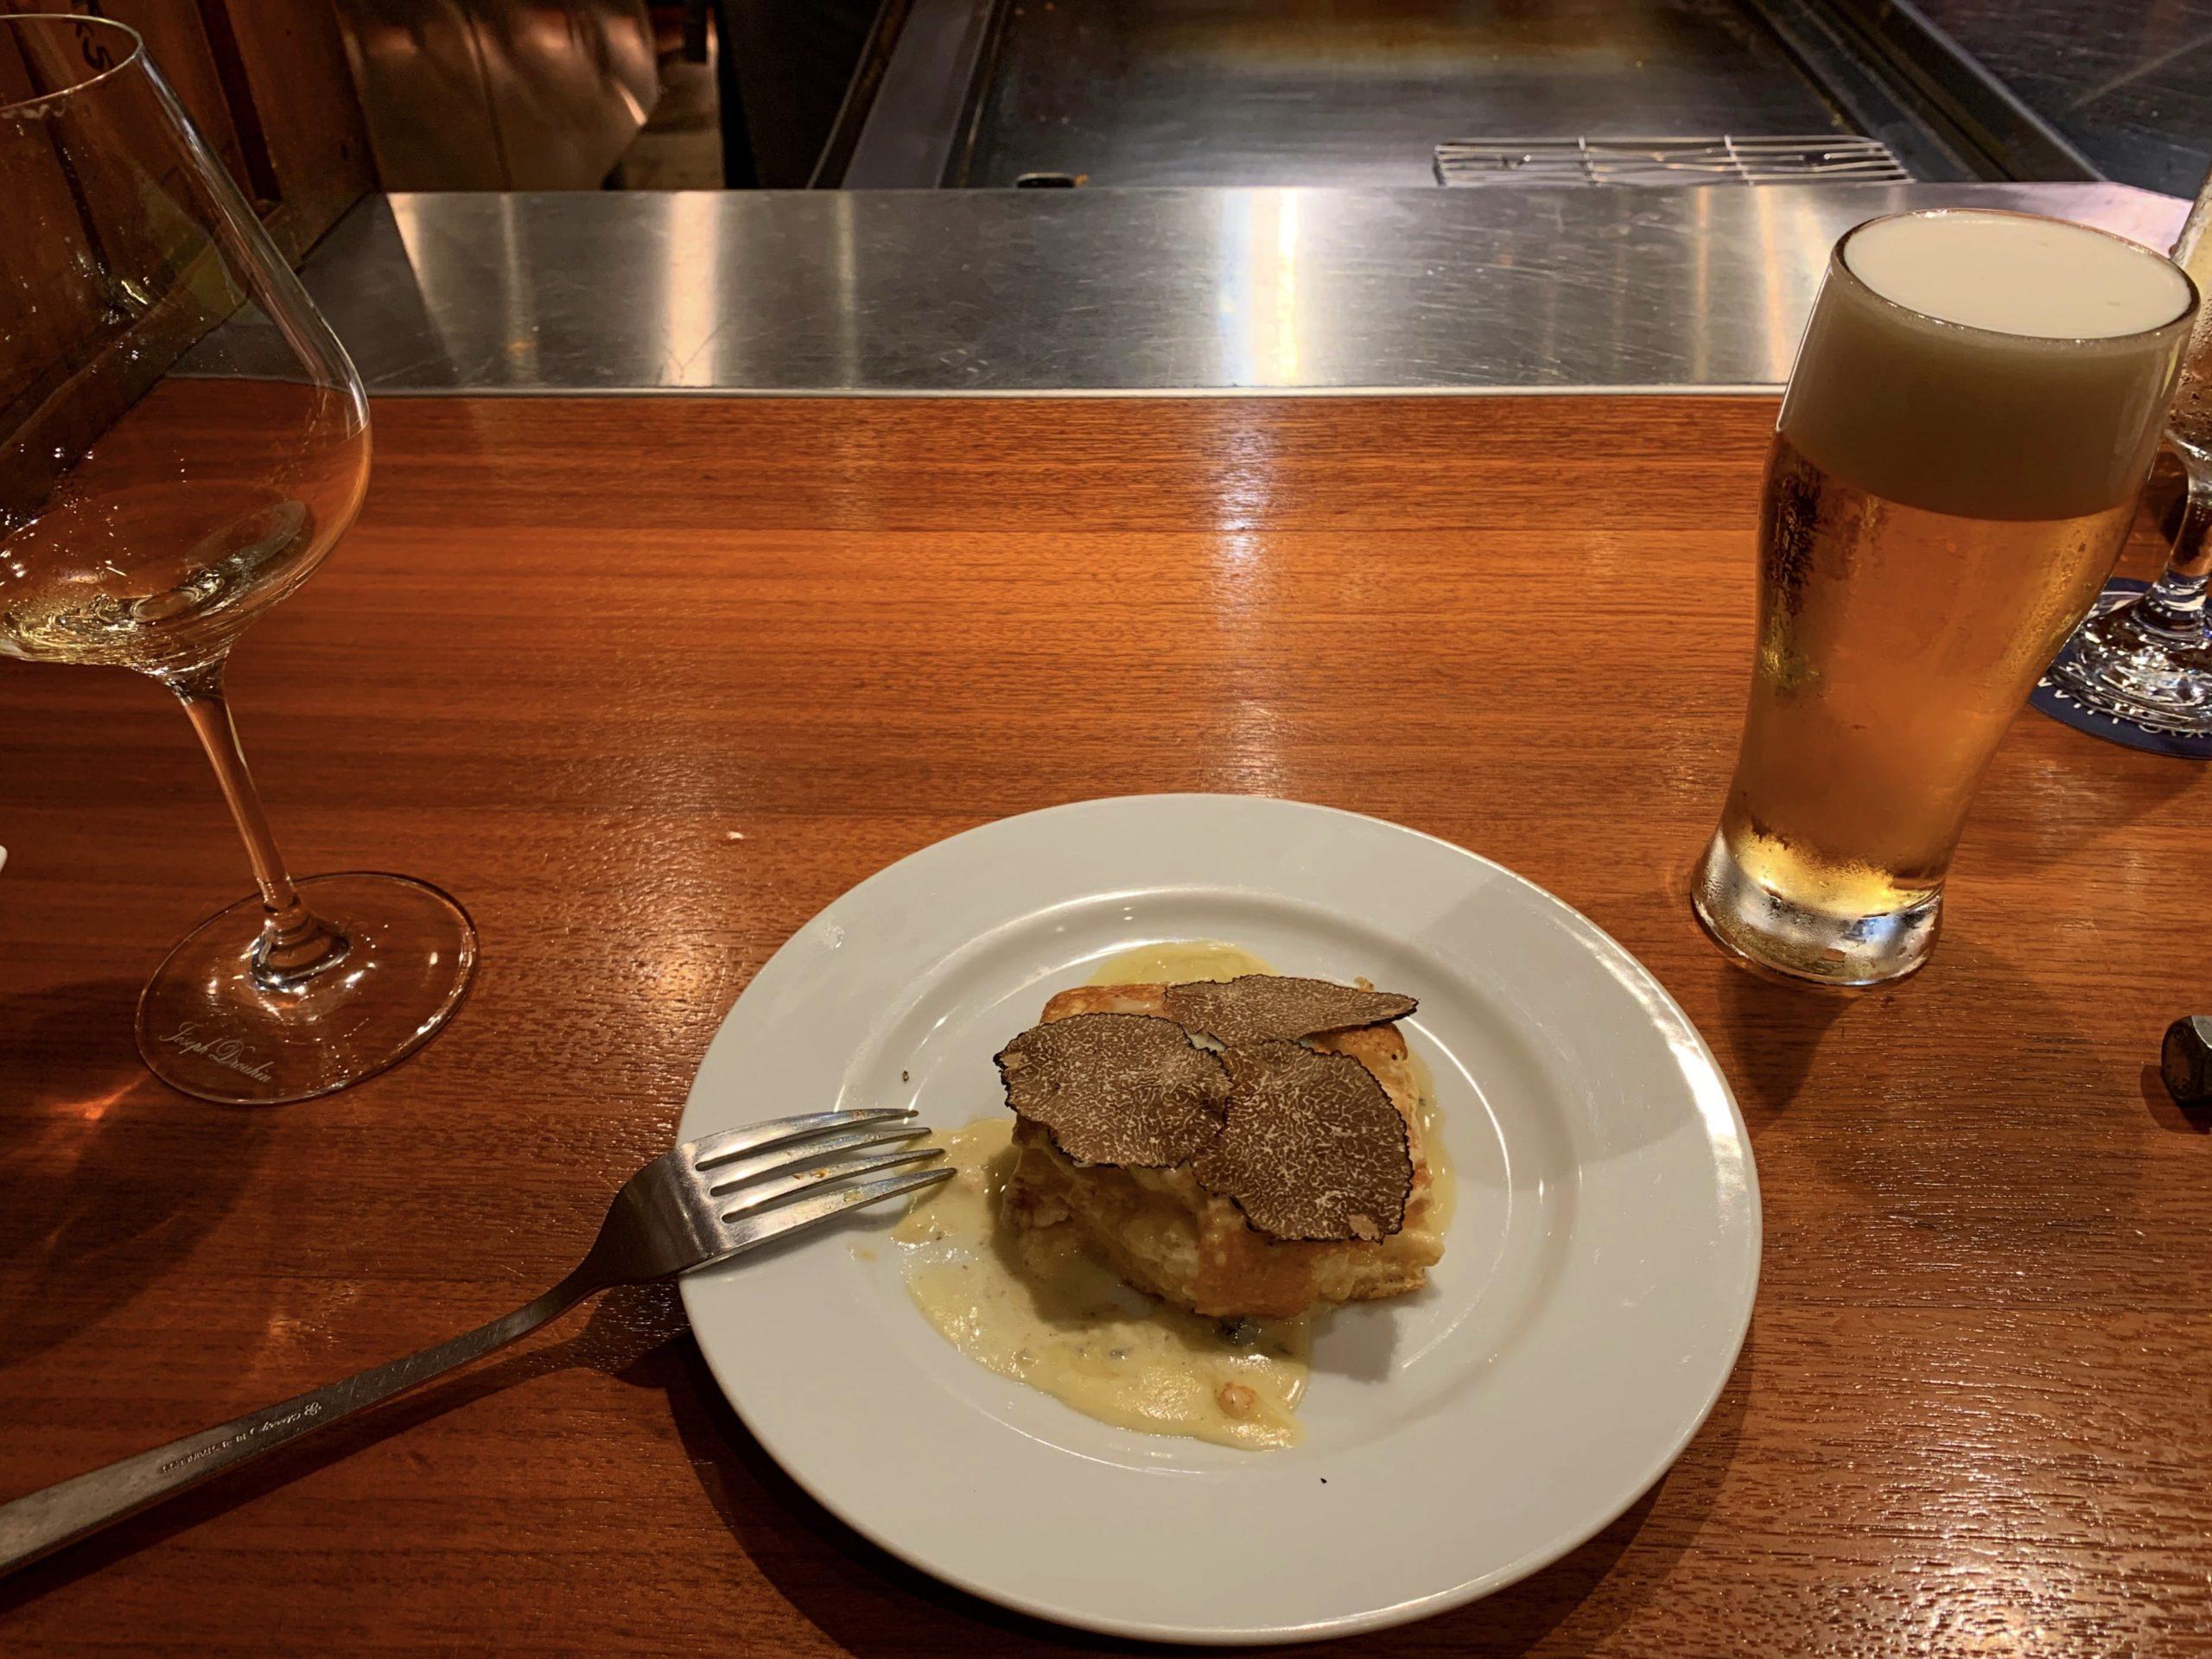 【中目黒ブロックス】フレンチビストロ鉄板焼スフレオムレツとビール